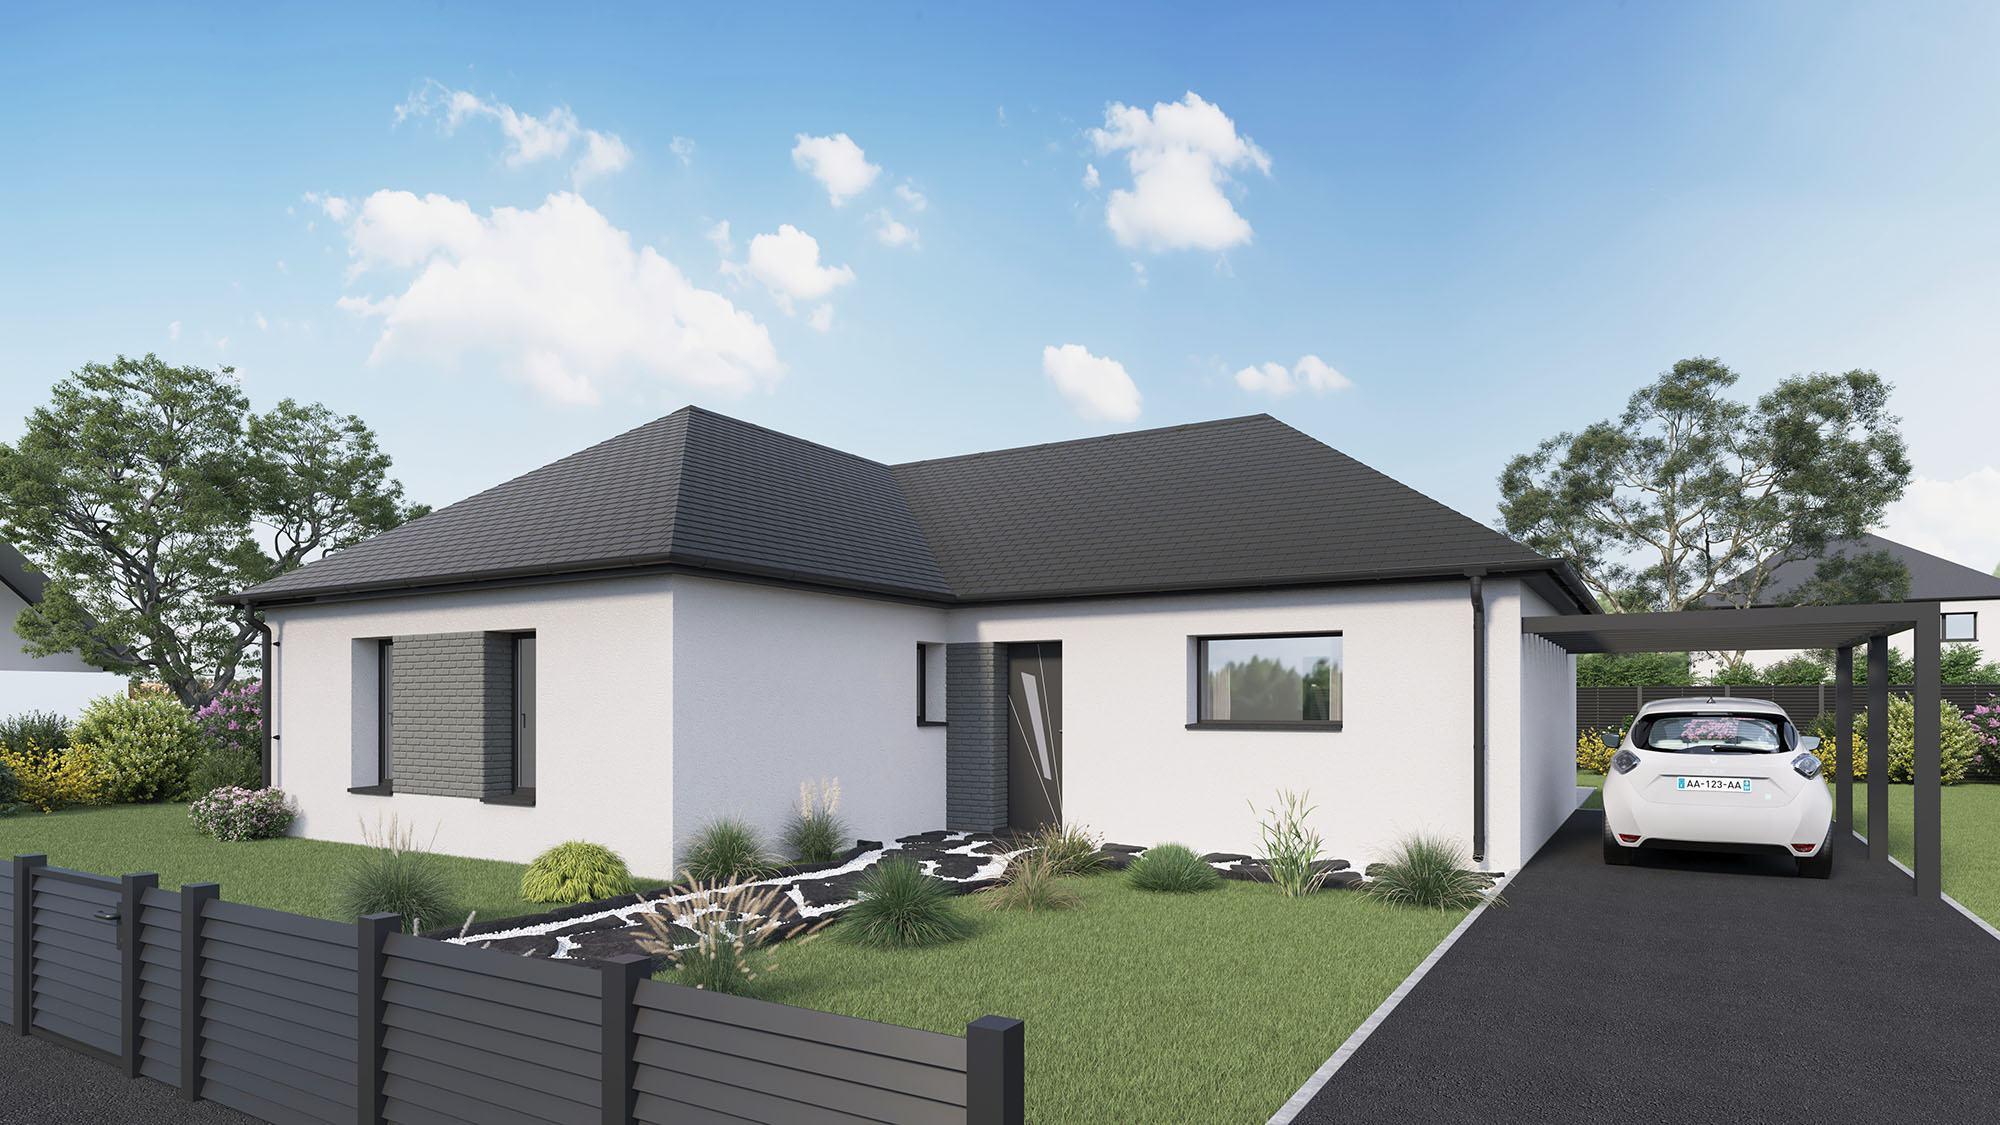 Maisons + Terrains du constructeur Maison Castor Rouen • 100 m² • MONT CAUVAIRE